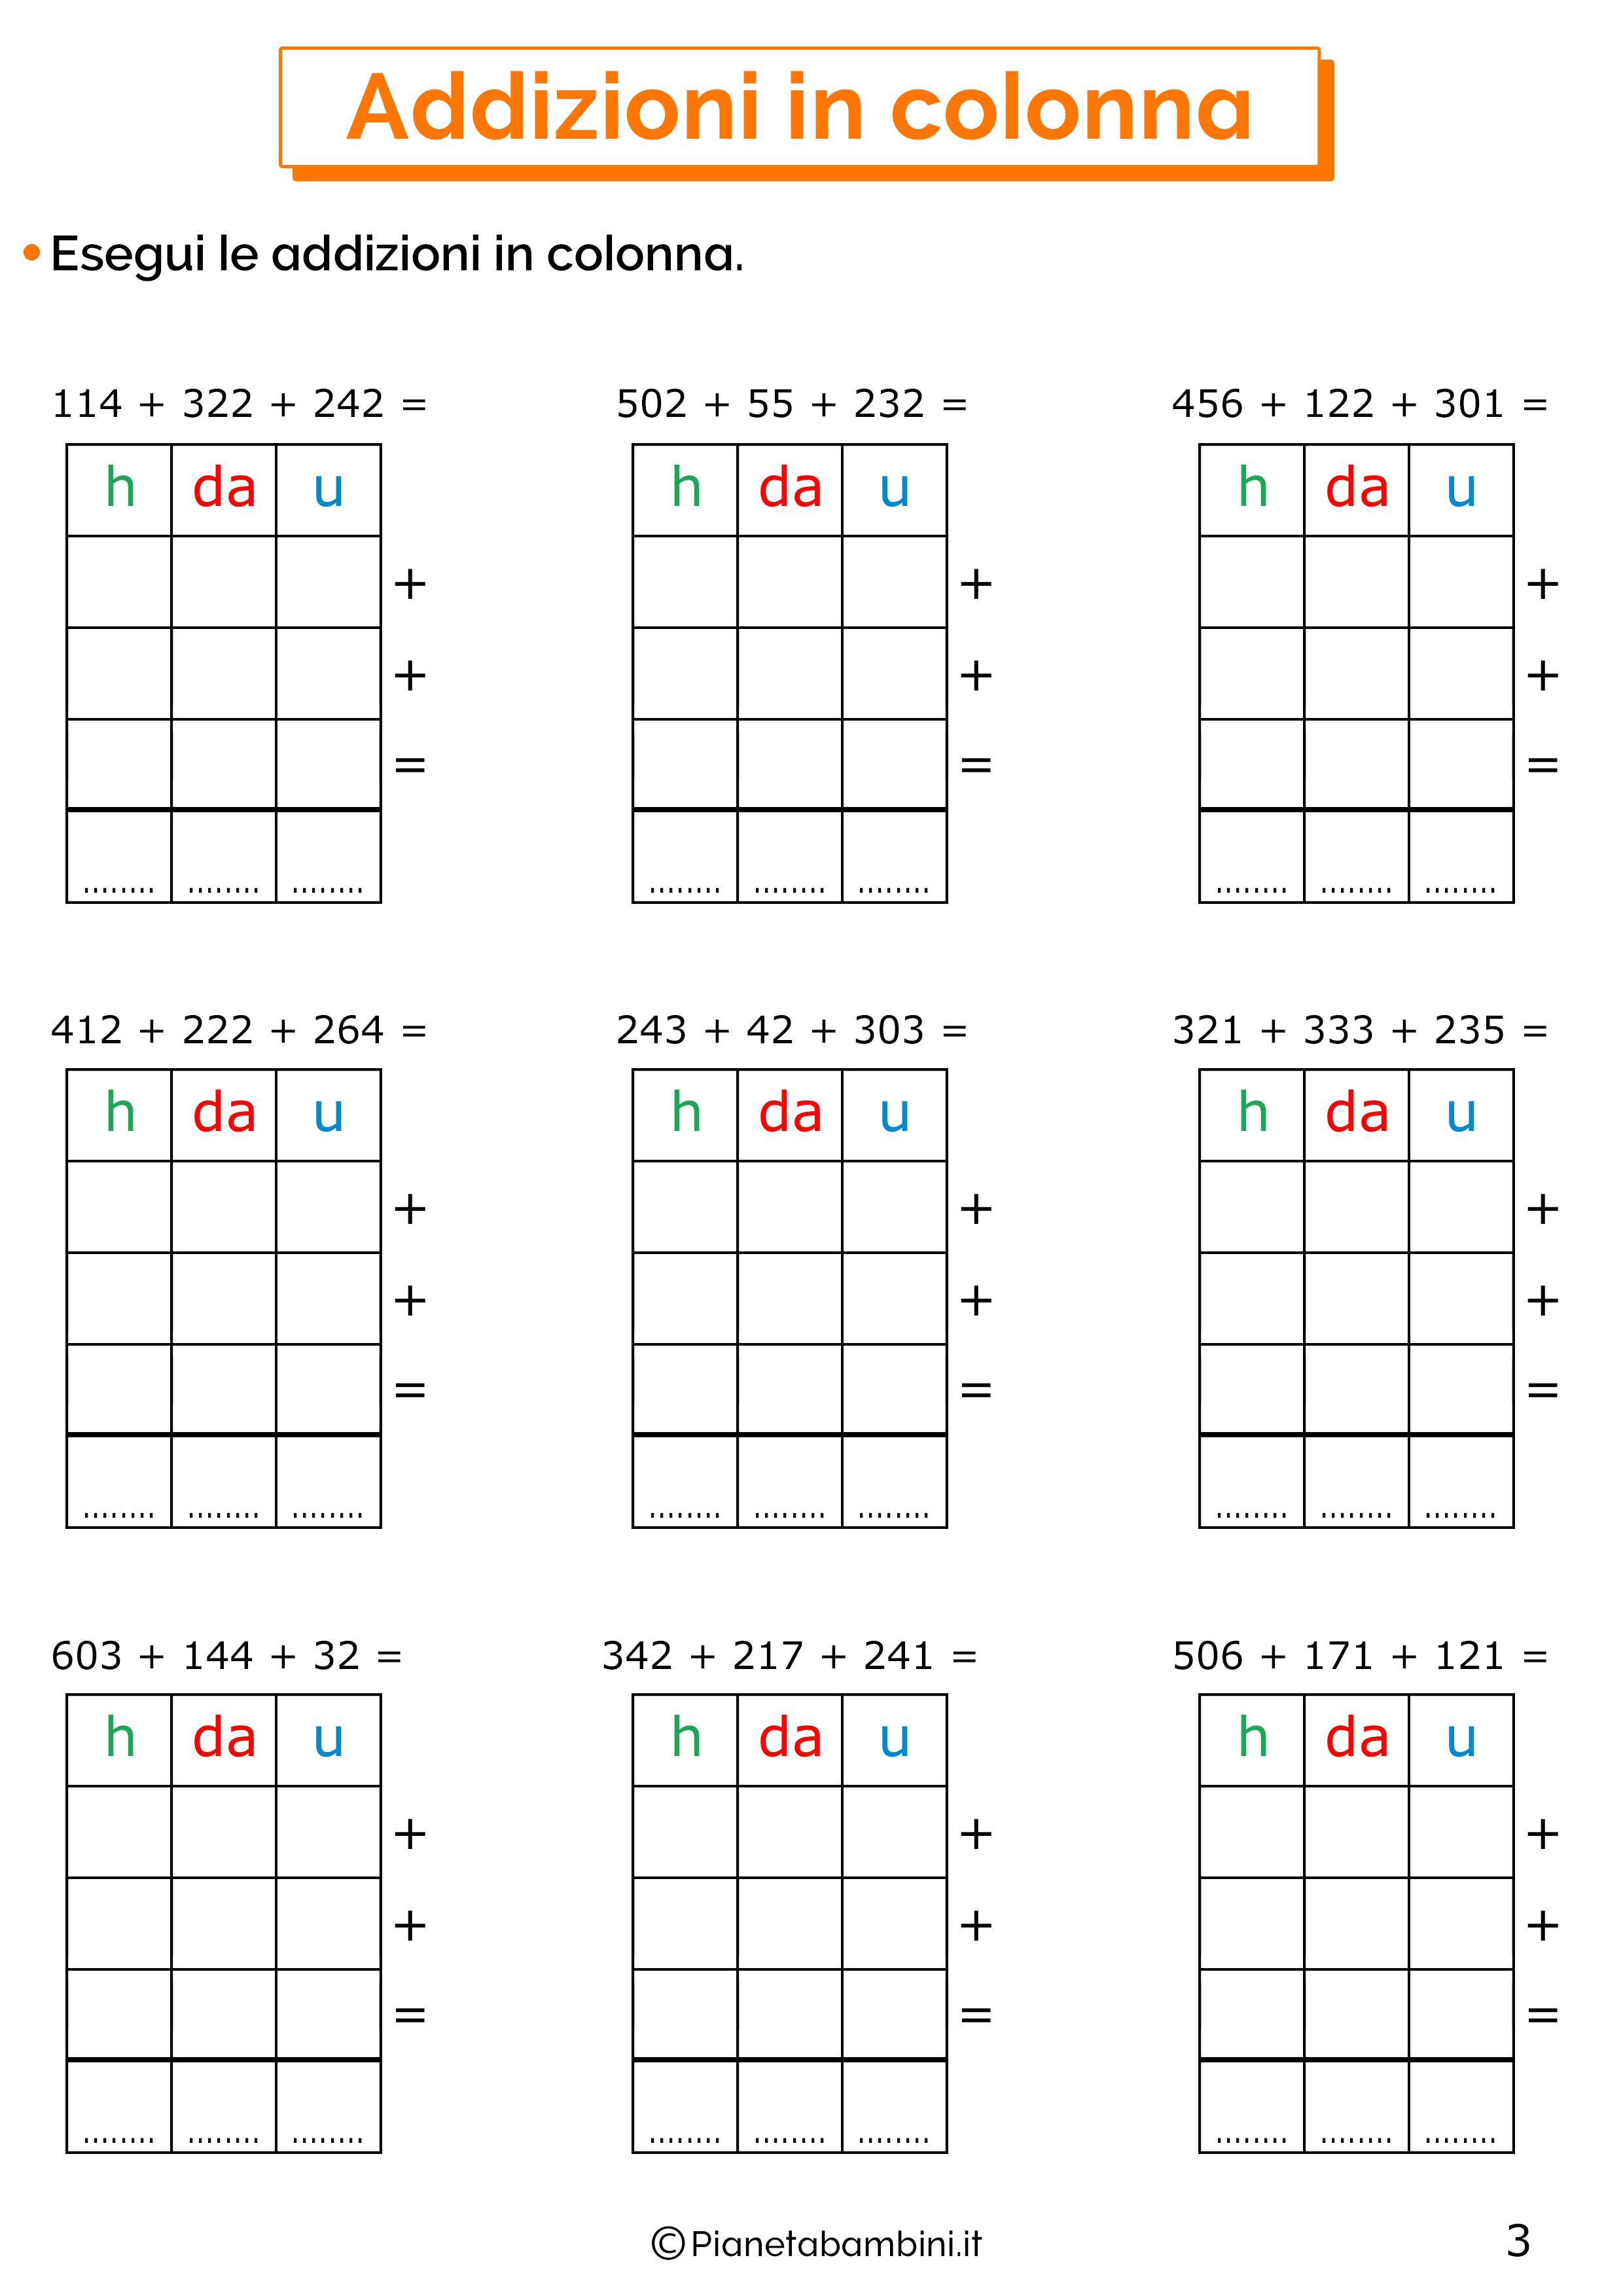 Addizioni in colonna a tre cifre senza cambio per la classe terza 3